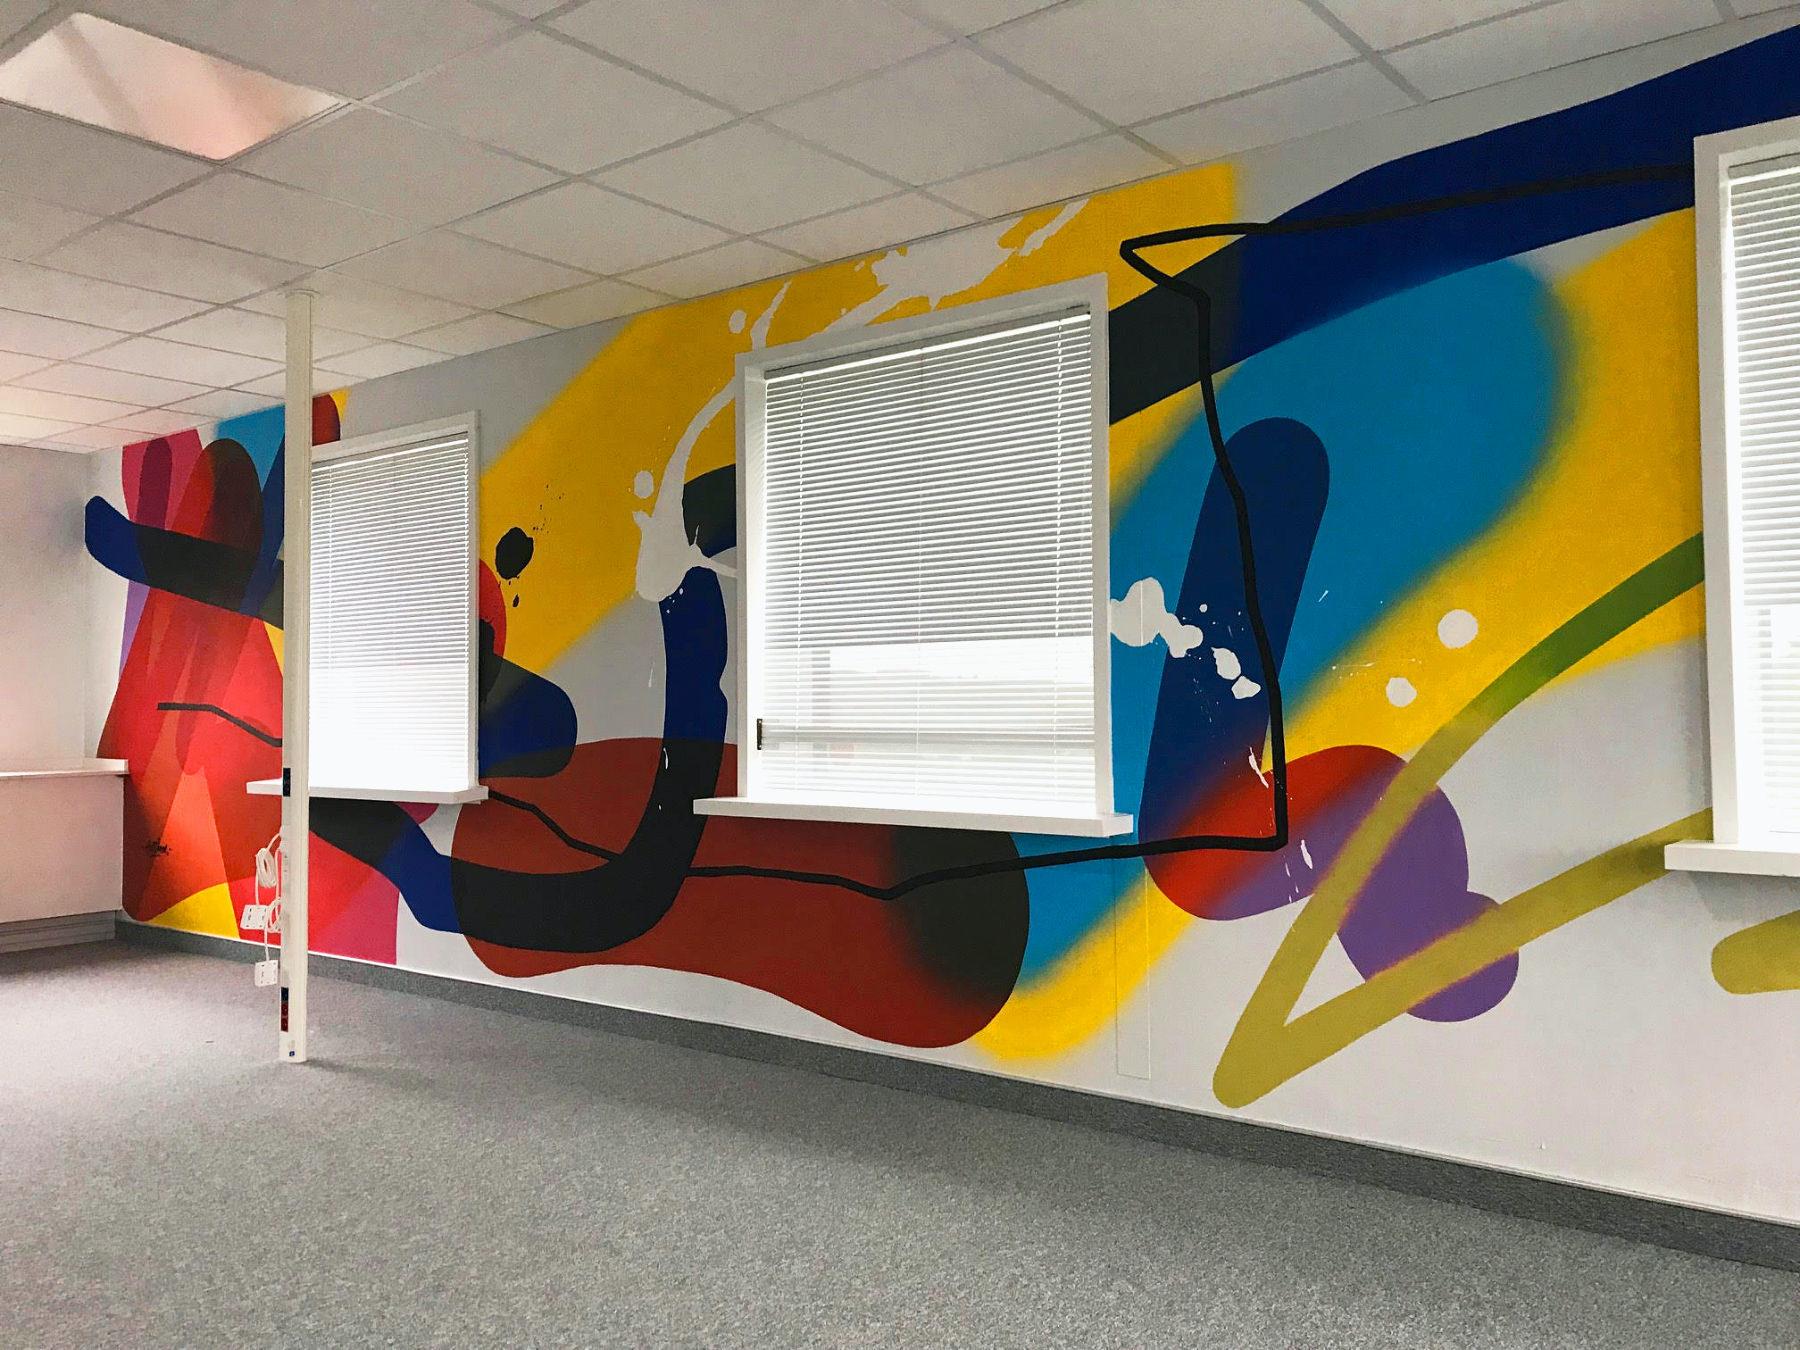 graphic_wall_decor_office_graffiti